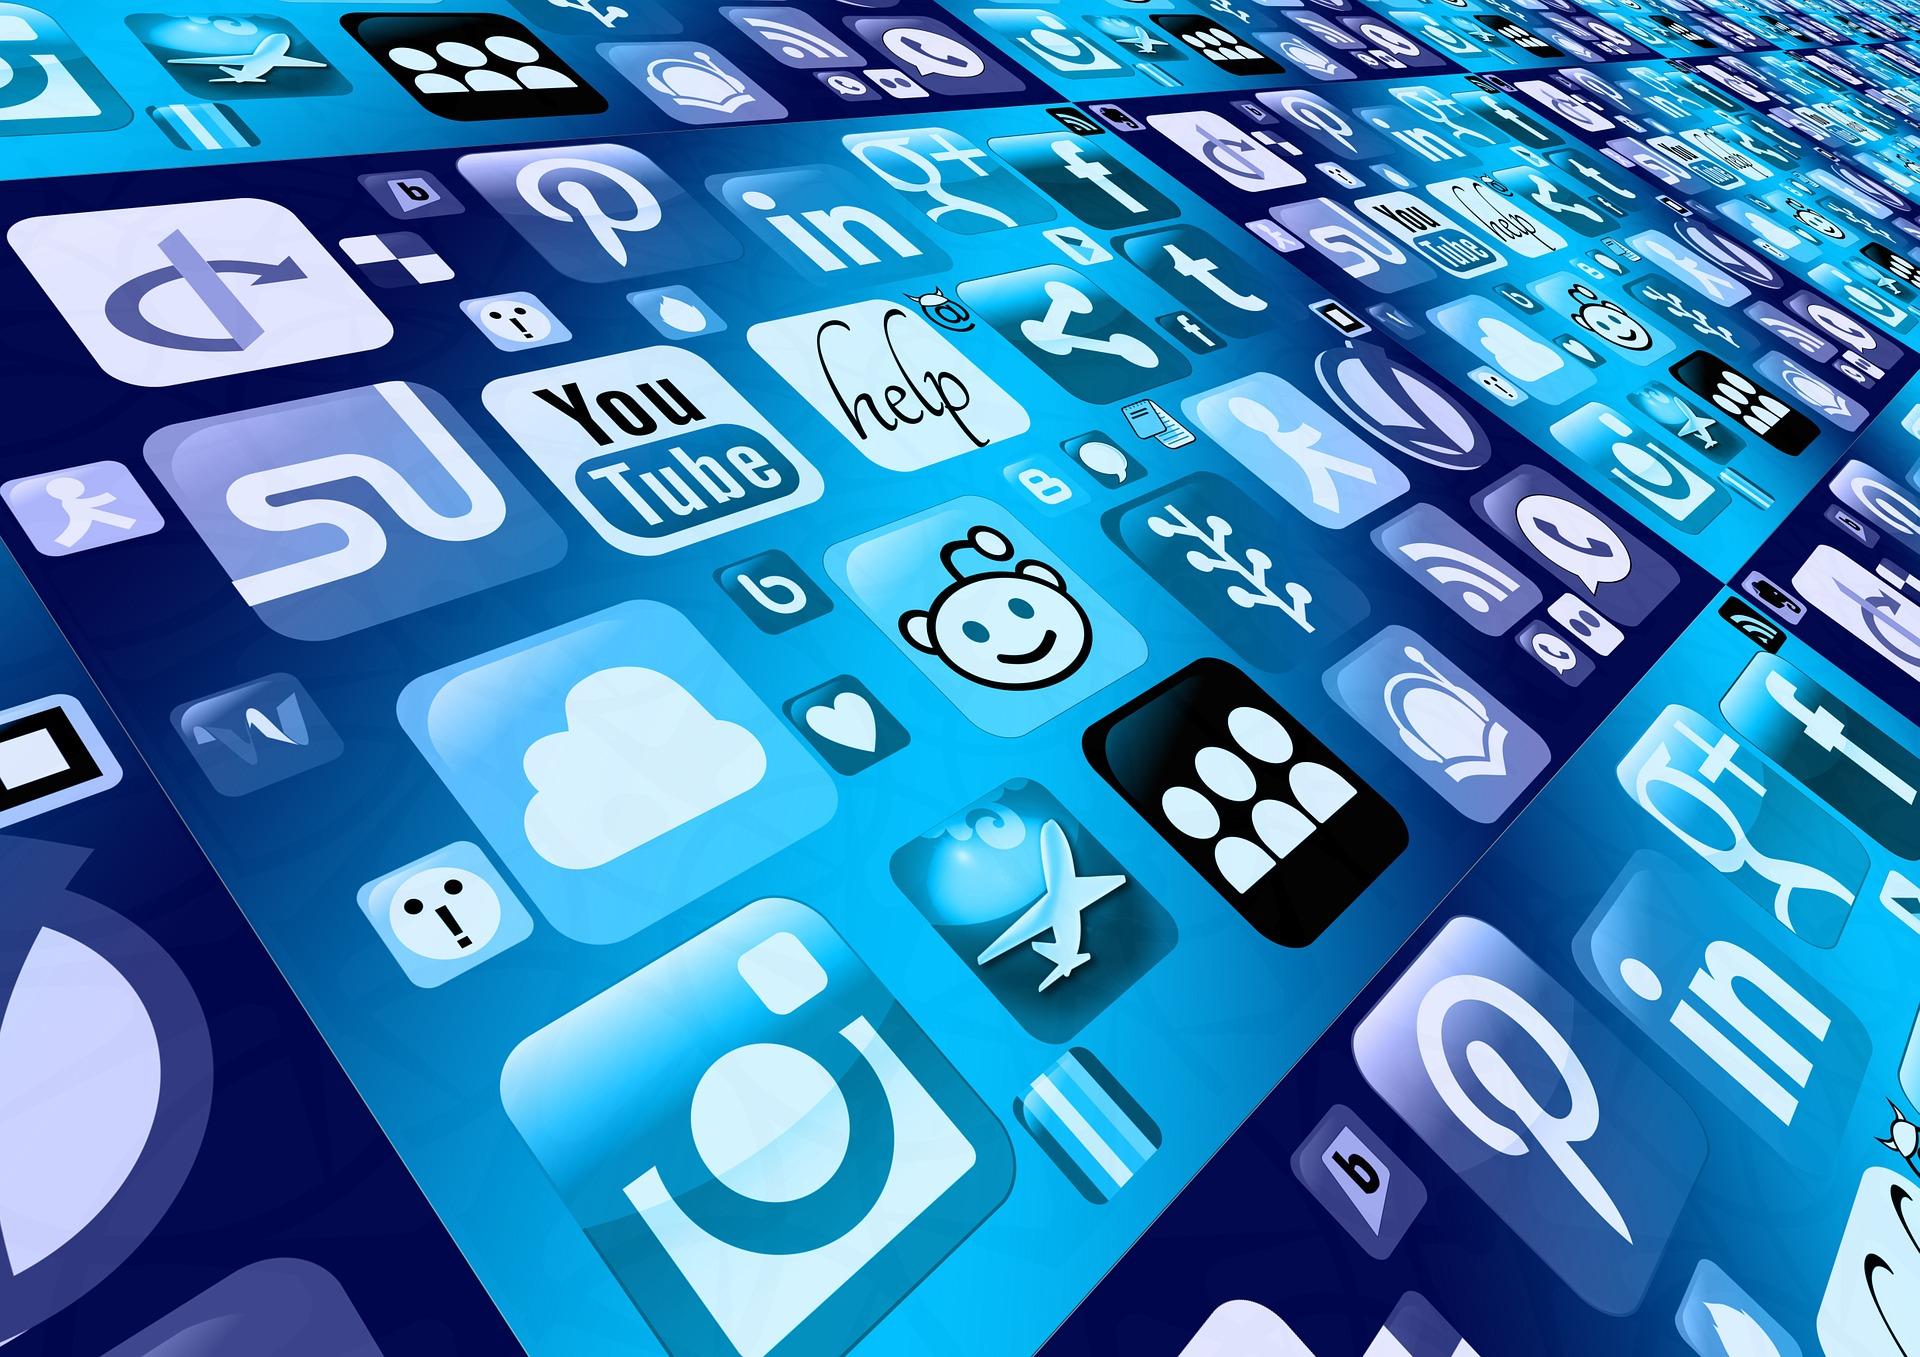 様座なソーシャルネットワークサービス